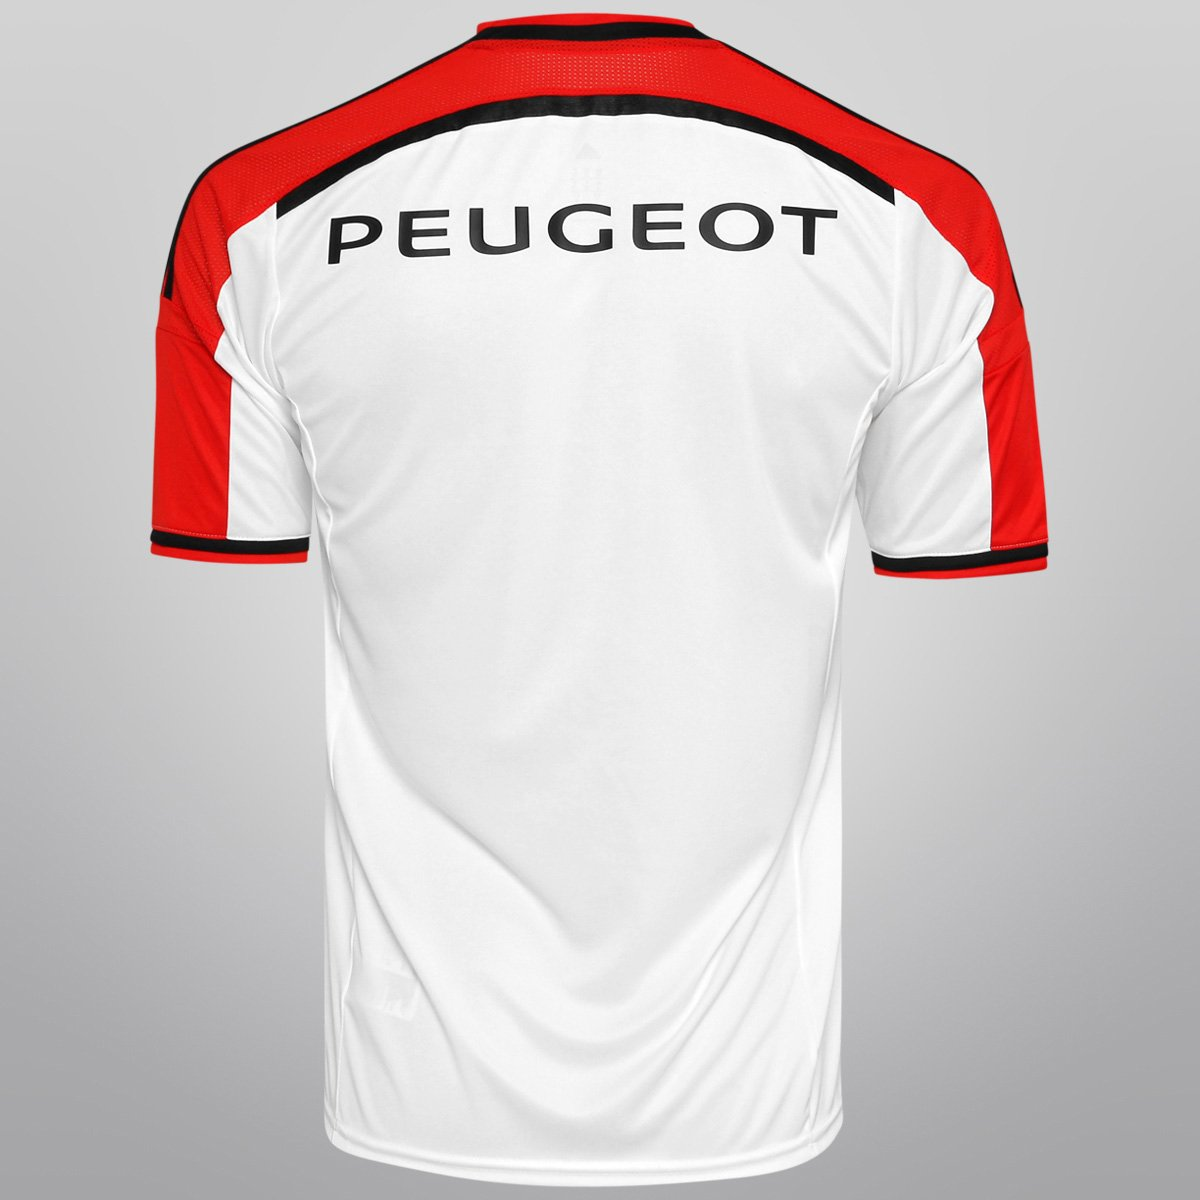 Camisa Adidas Flamengo II 14 15 s nº - Branco e Vermelho - Compre ... d684de9cdac59